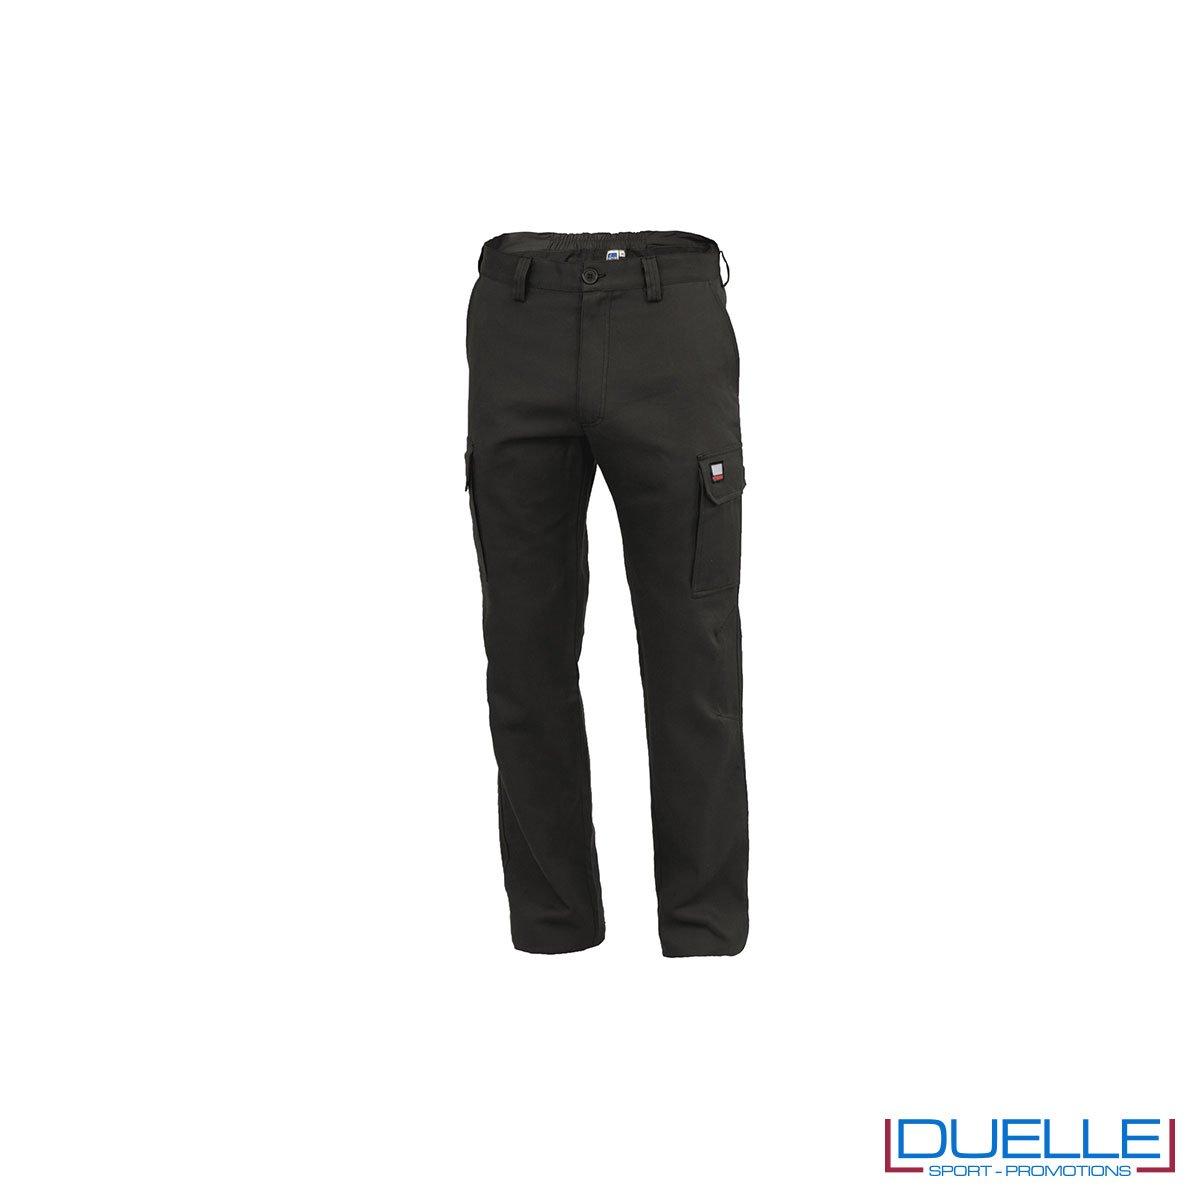 Pantalone da lavoro personalizzato AMSTERDAM colore nero